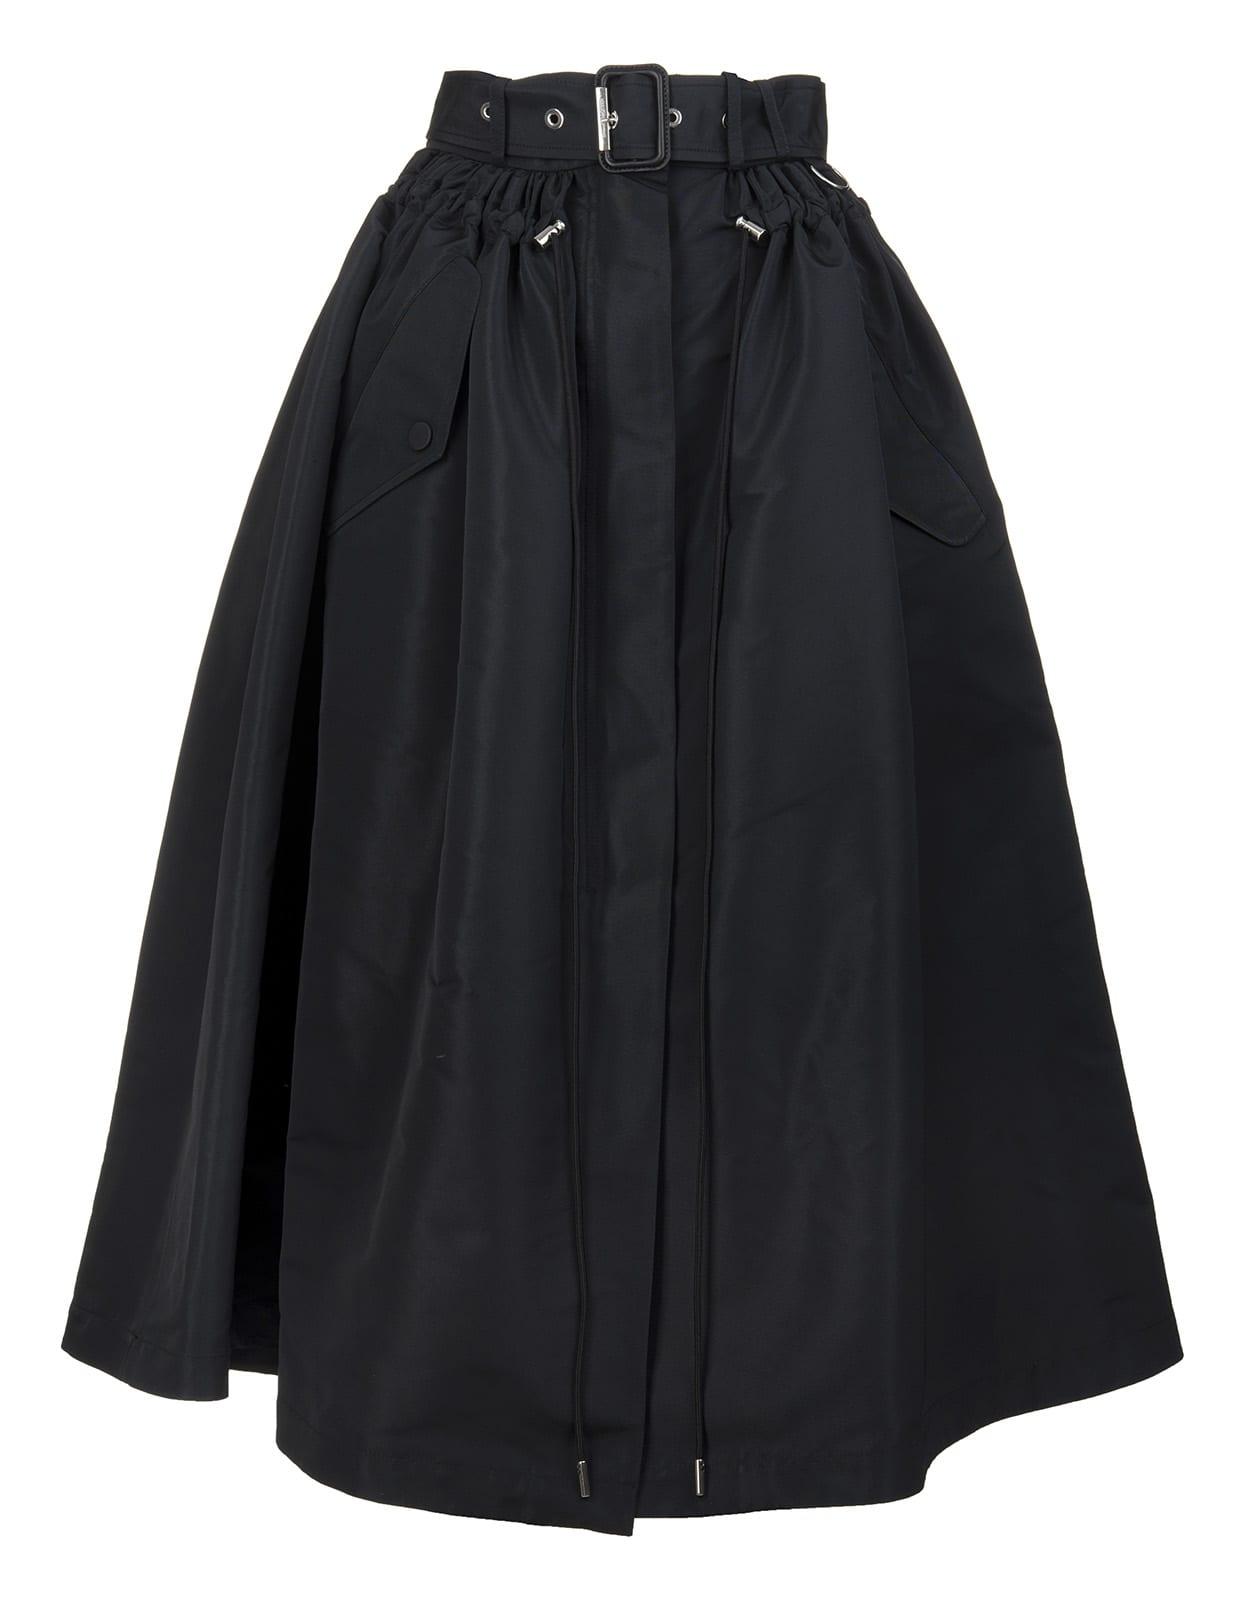 Alexander Mcqueen Skirts BLACK PARKA SKIRT